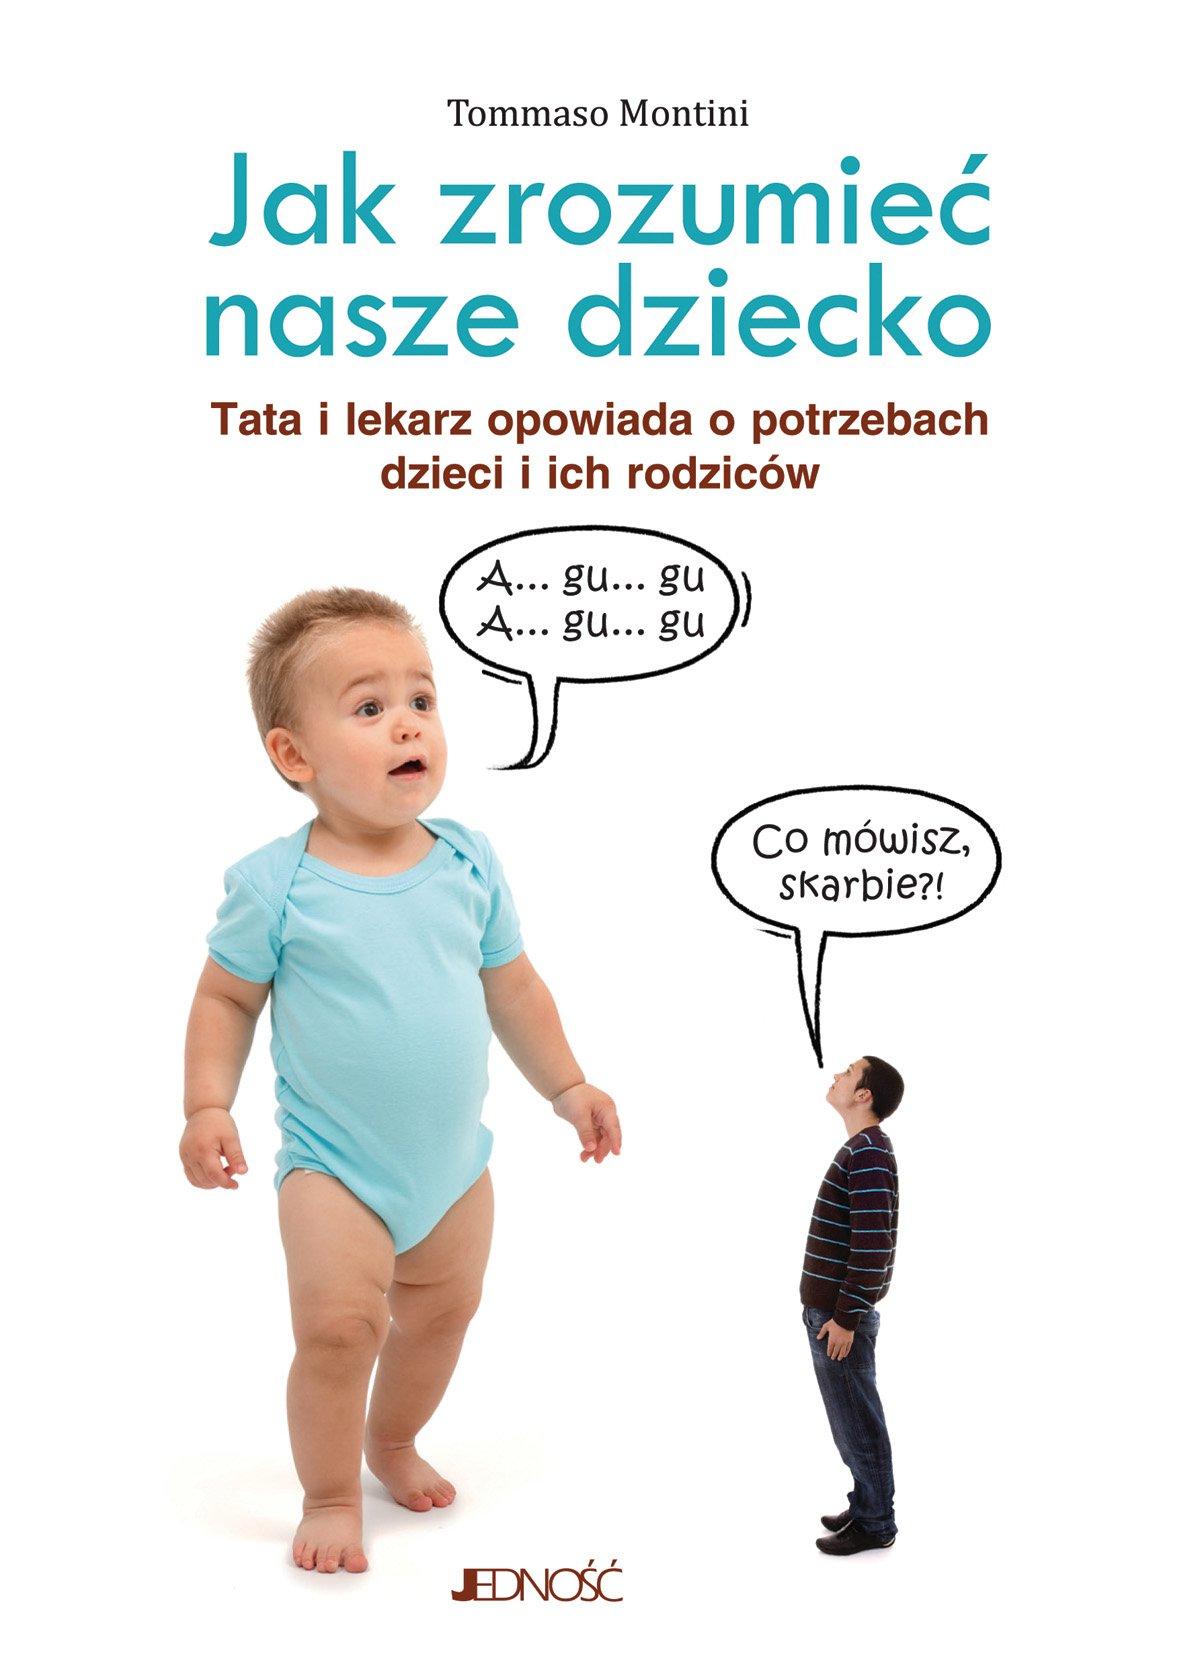 Jak zrozumieć nasze dziecko. Tata lekarz opowiada o potrzebach dzieci i ich rodziców. - Ebook (Książka na Kindle) do pobrania w formacie MOBI